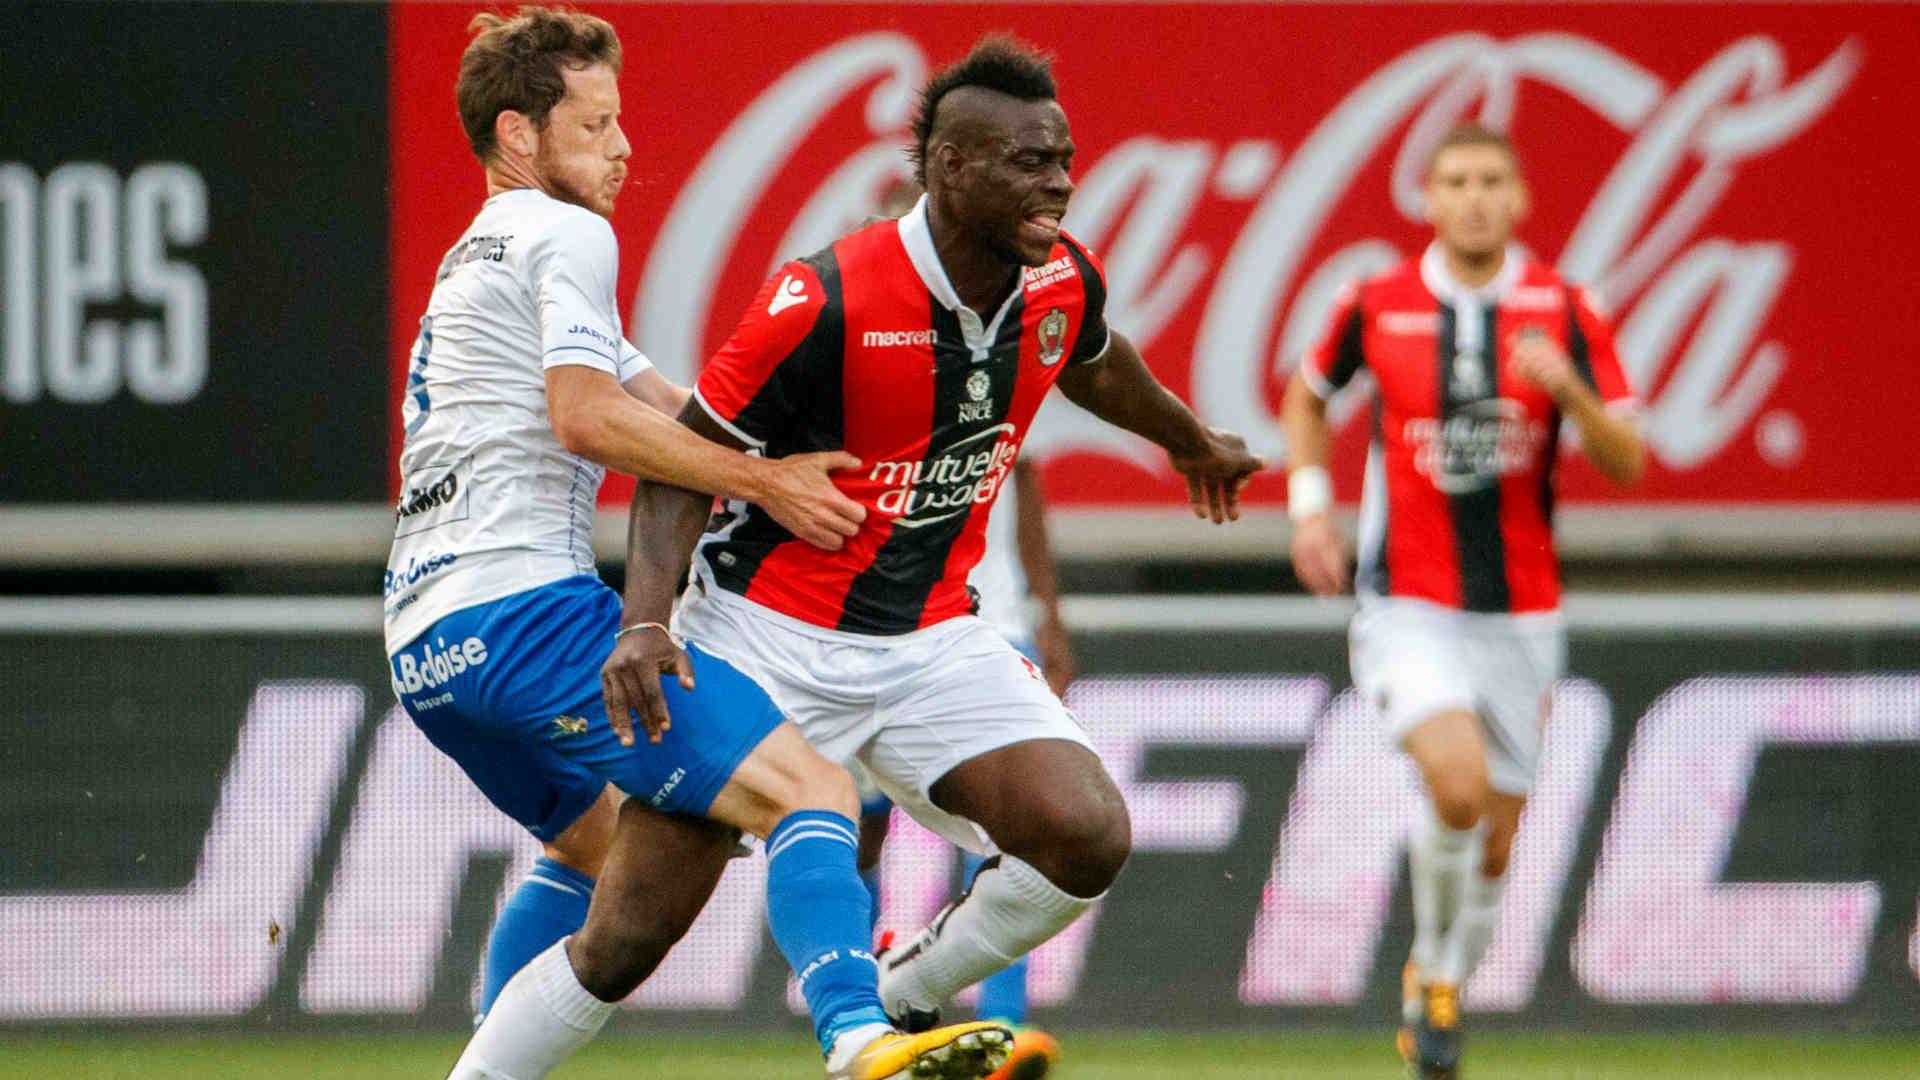 VIDEO, Balotelli fa impazzire i tifosi del Nizza, anche fuori dal campo